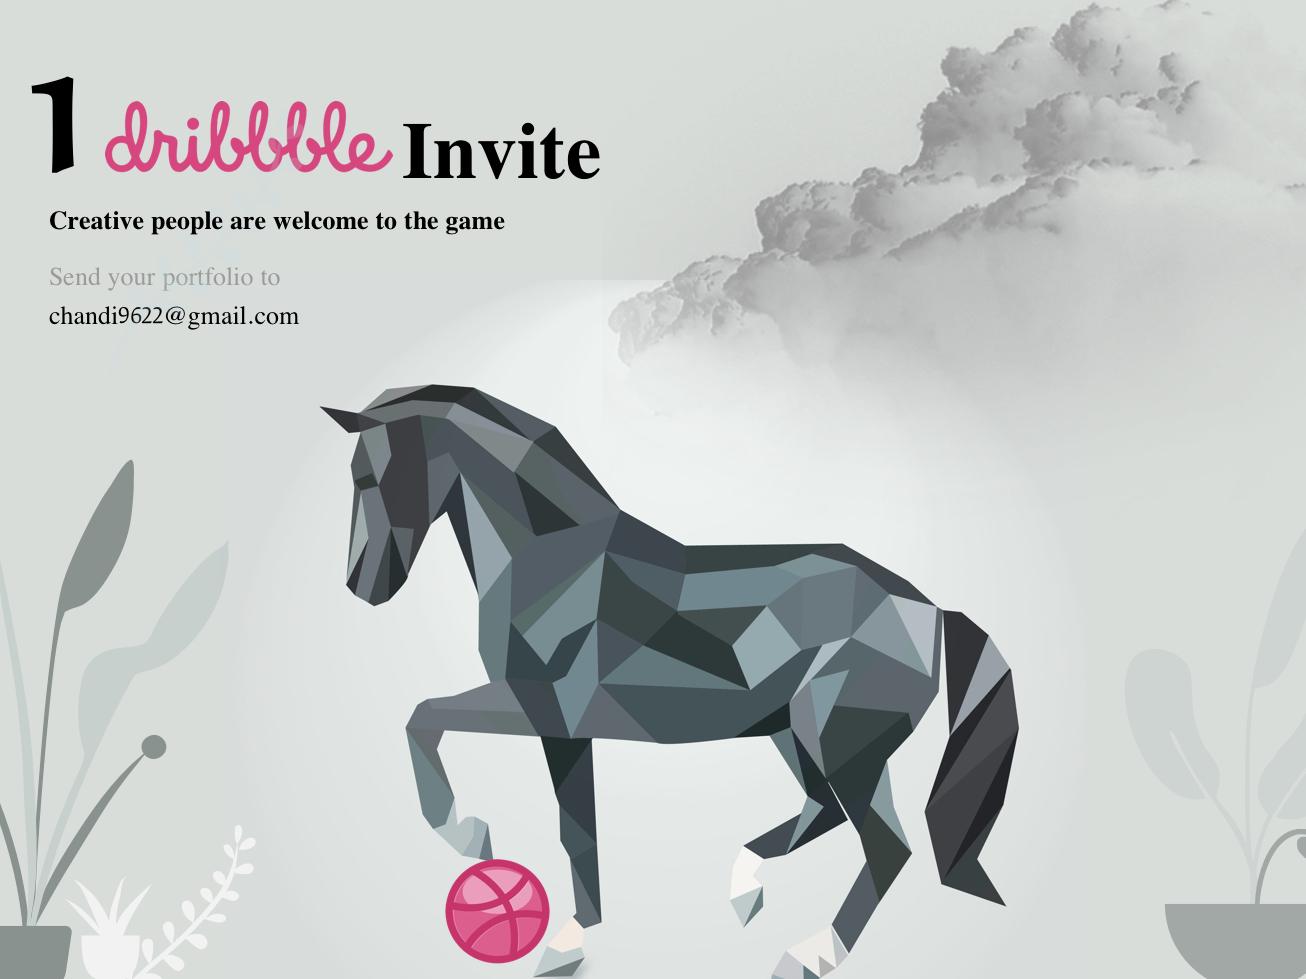 Dribbble Invite icon characterdesign graphic design dailyui logo illustration creative logo logo design creative ux ui design ui design